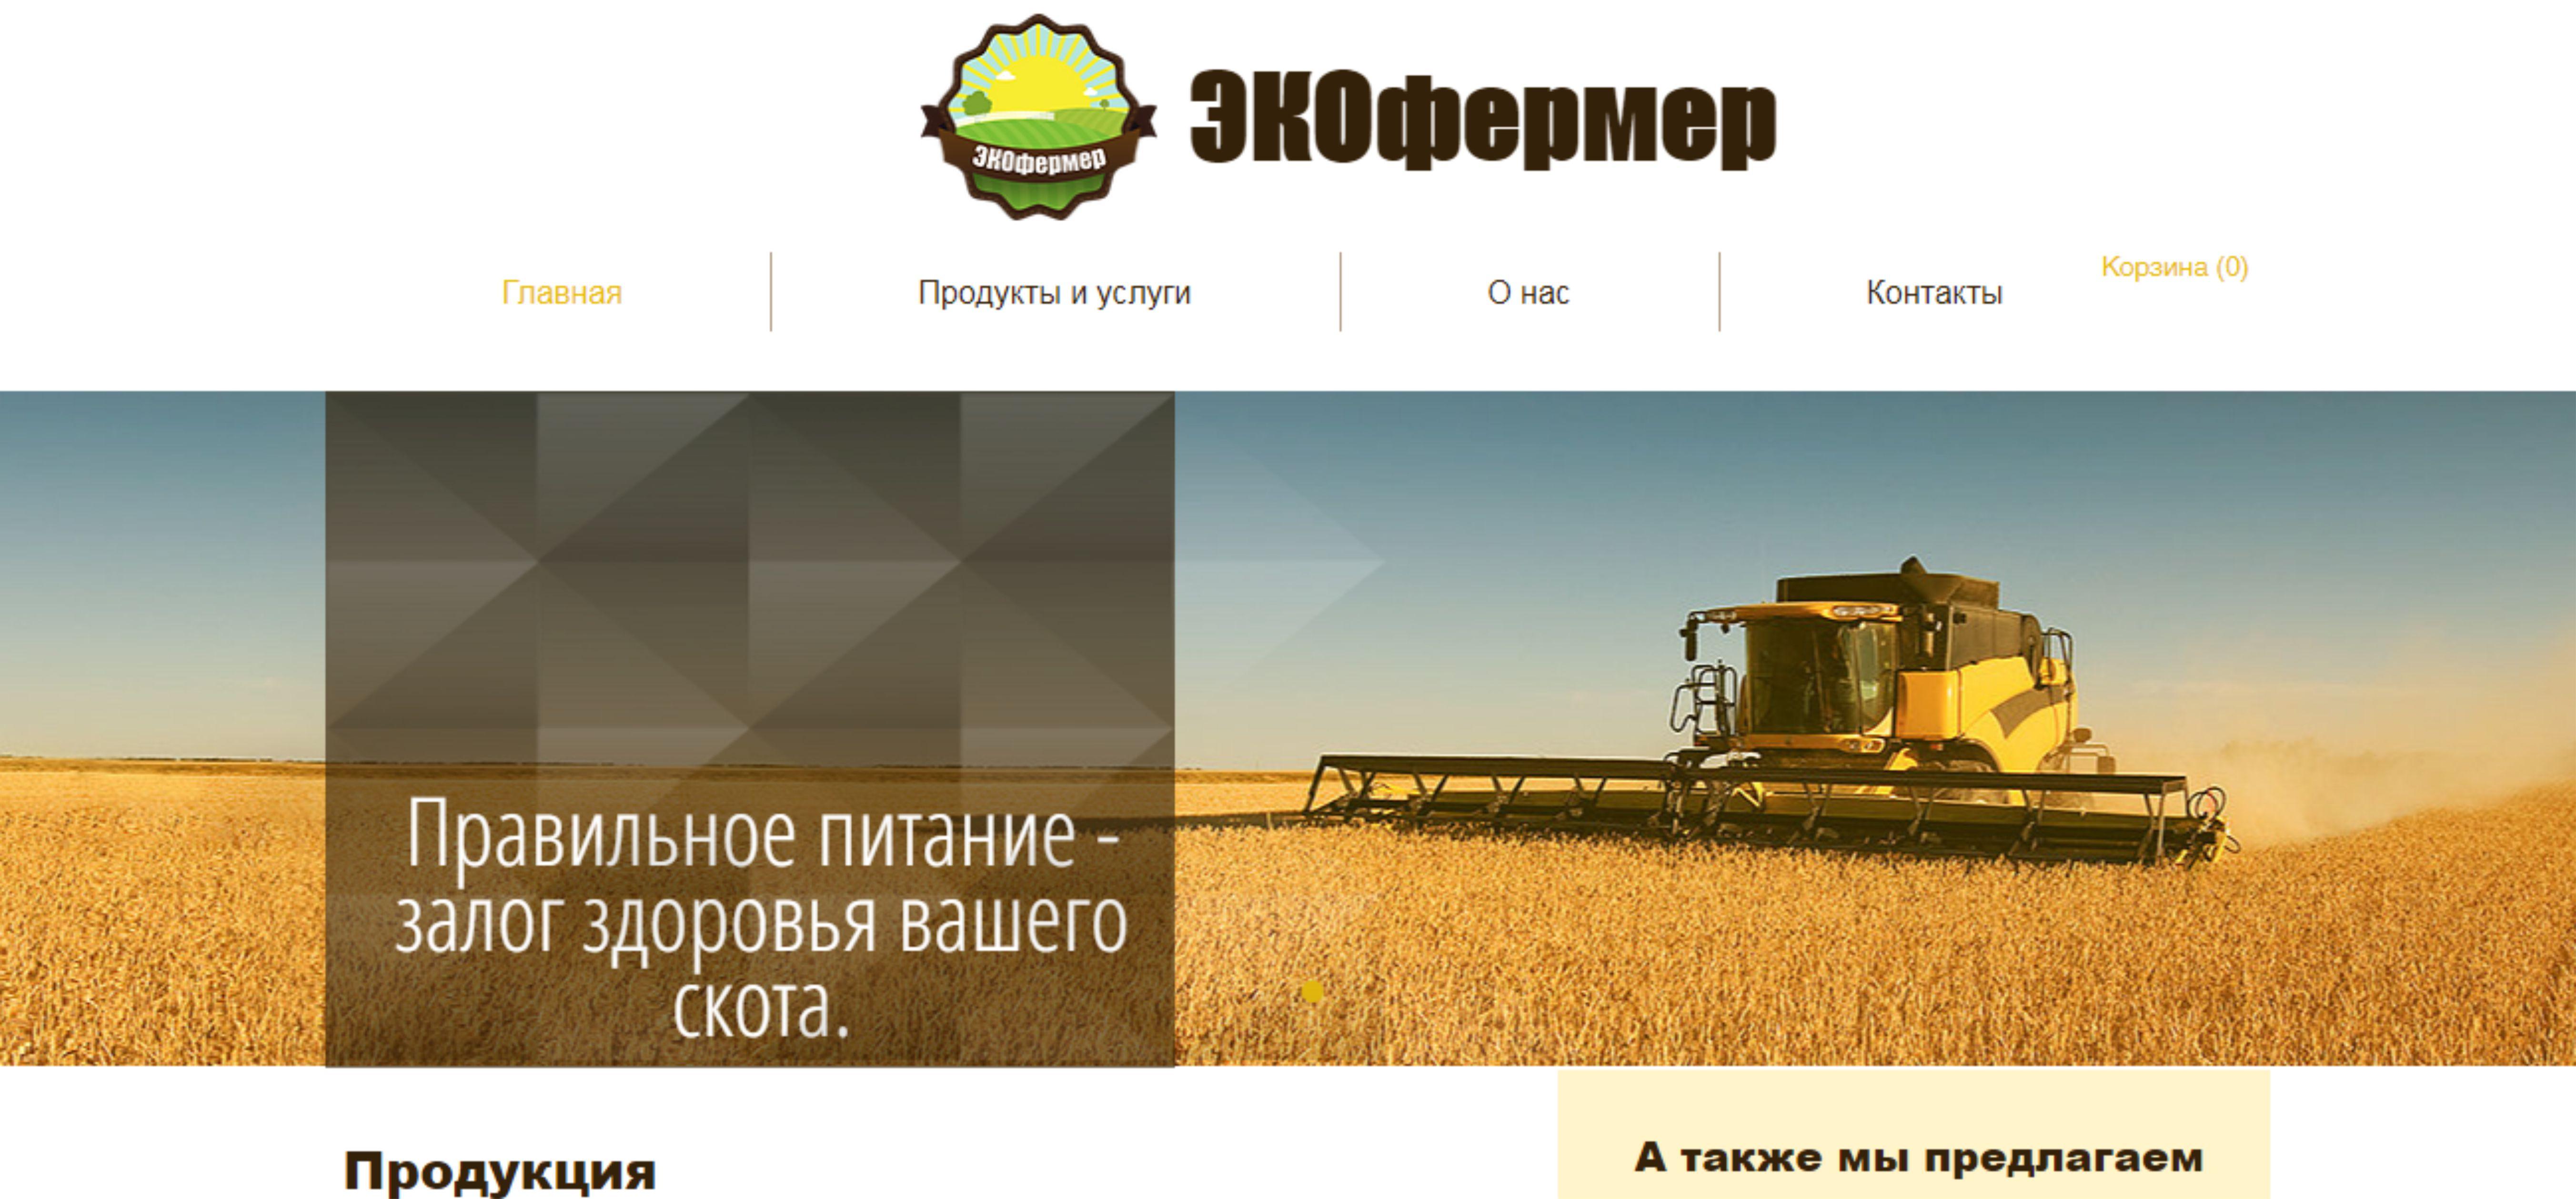 Эко-фермер